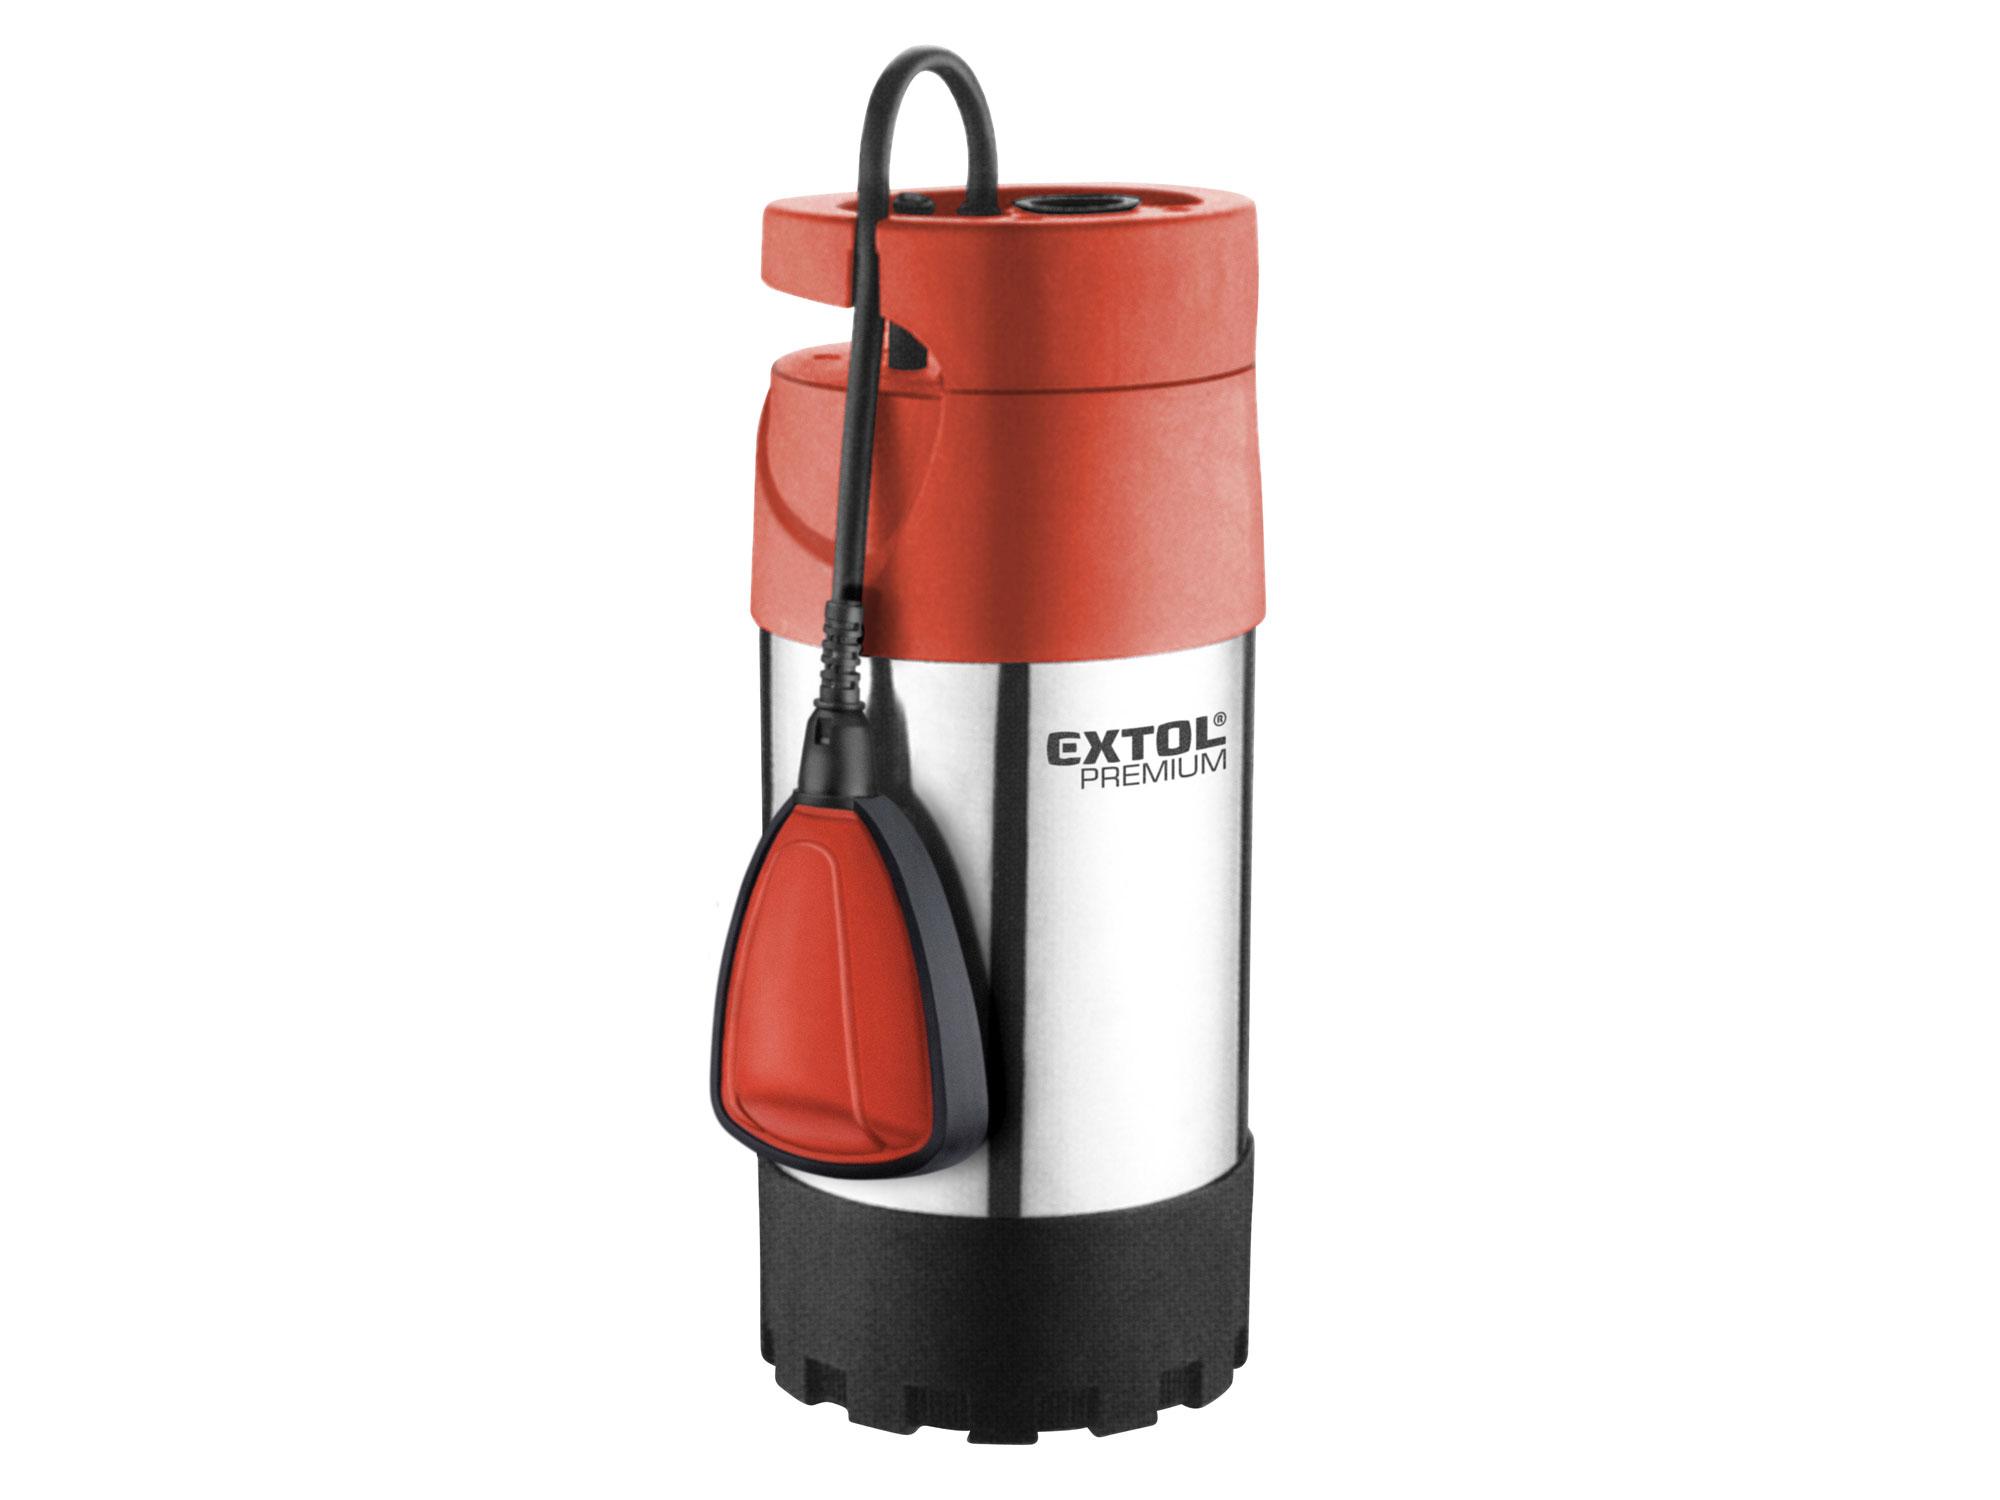 Čerpadlo ponorné tlakové, 1000W, 5500l/hod SPF 1000 G4 EXTOL PREMIUM 8895008